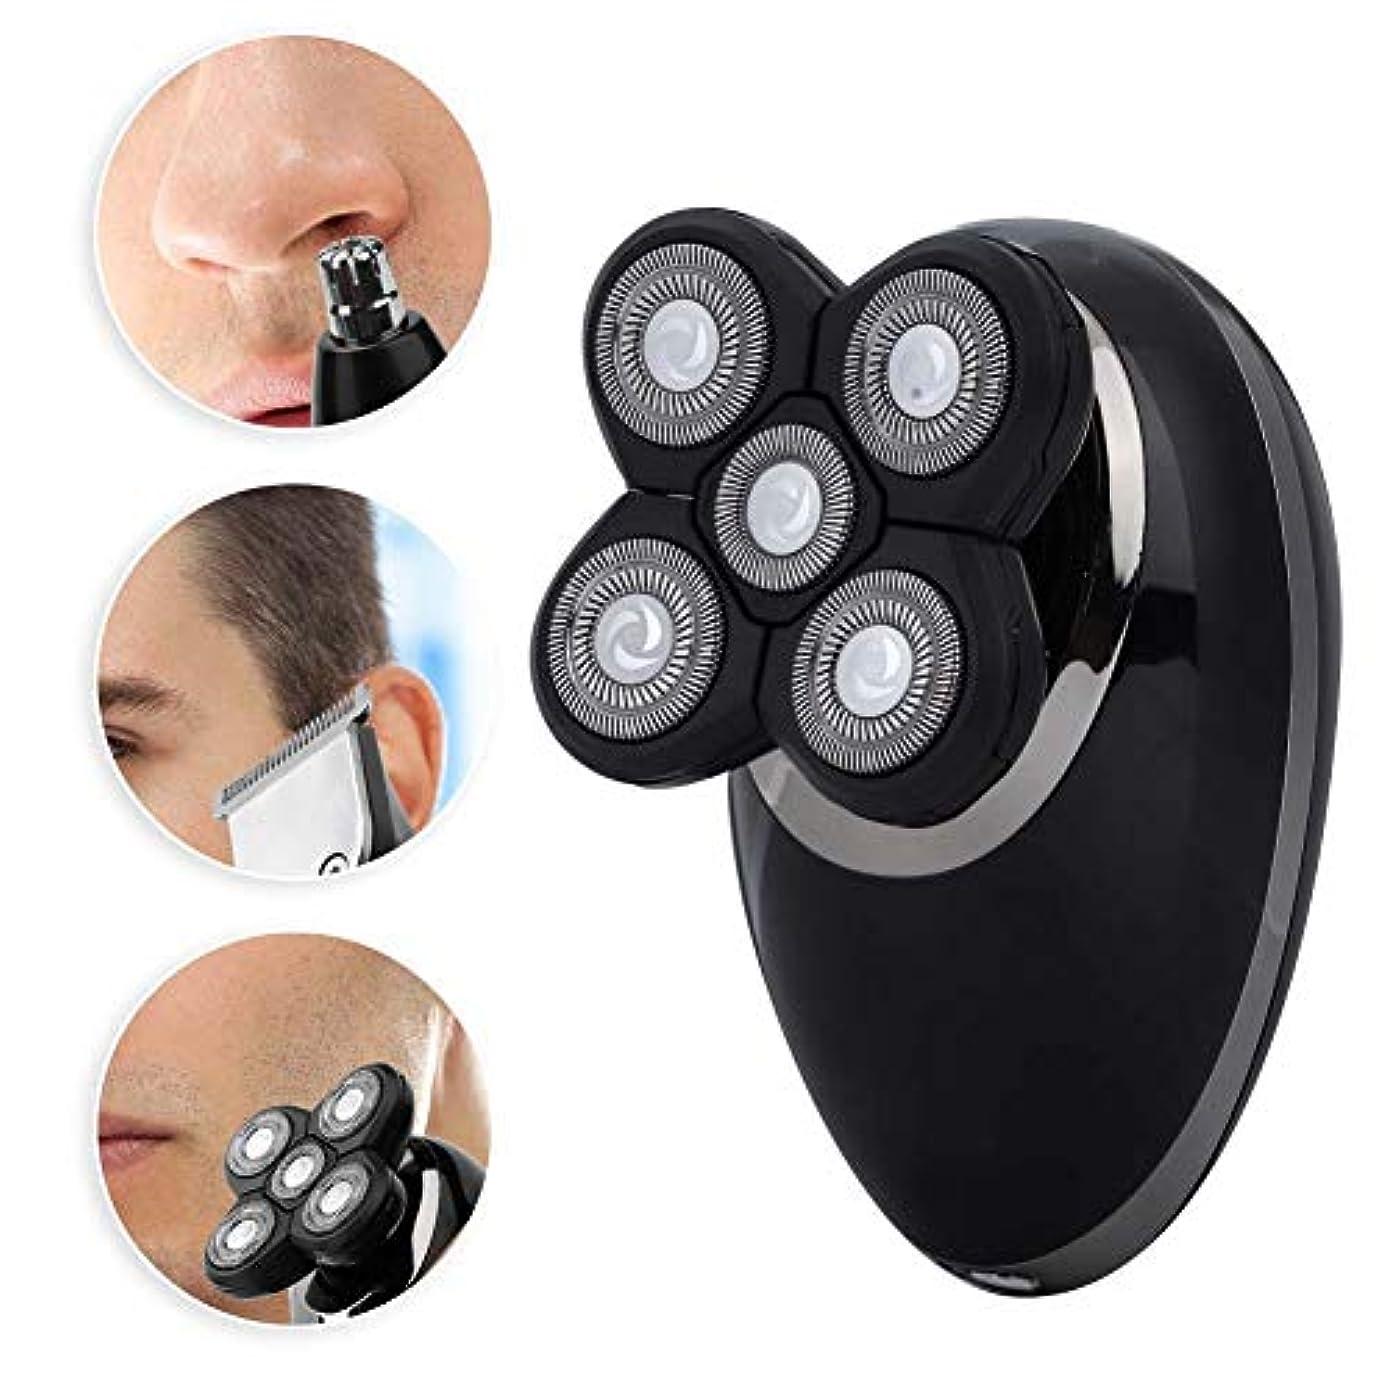 スリンク医師見分ける電気シェーバー3-1 - フローティング洗える鼻毛トリマー脱毛ツール